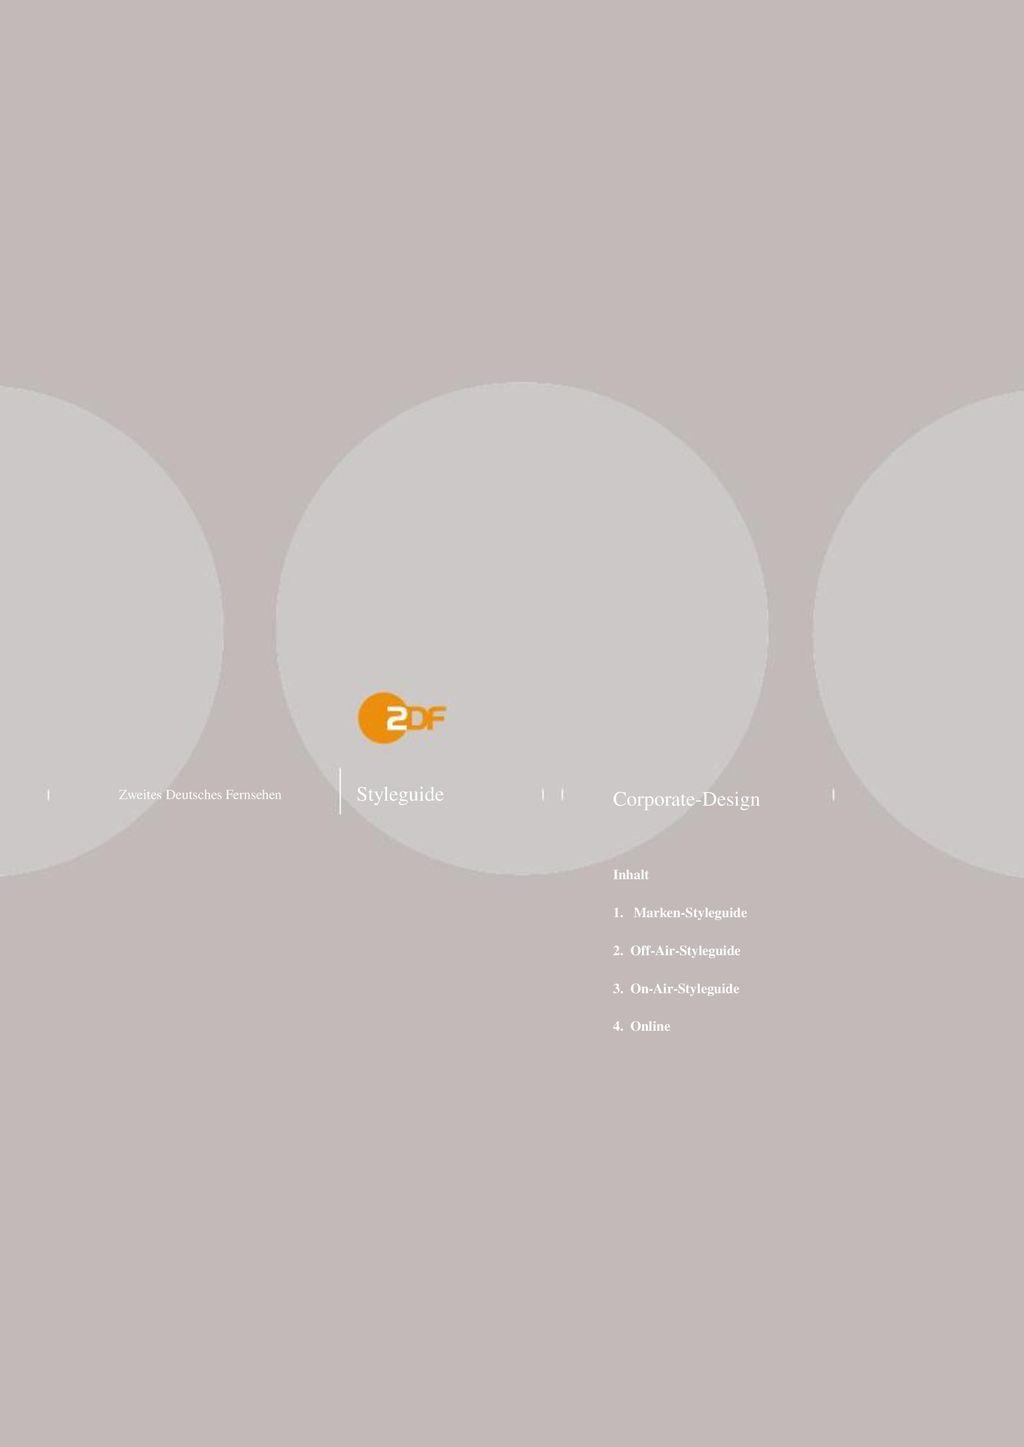 Styleguide Corporate-Design Zweites Deutsches Fernsehen Inhalt